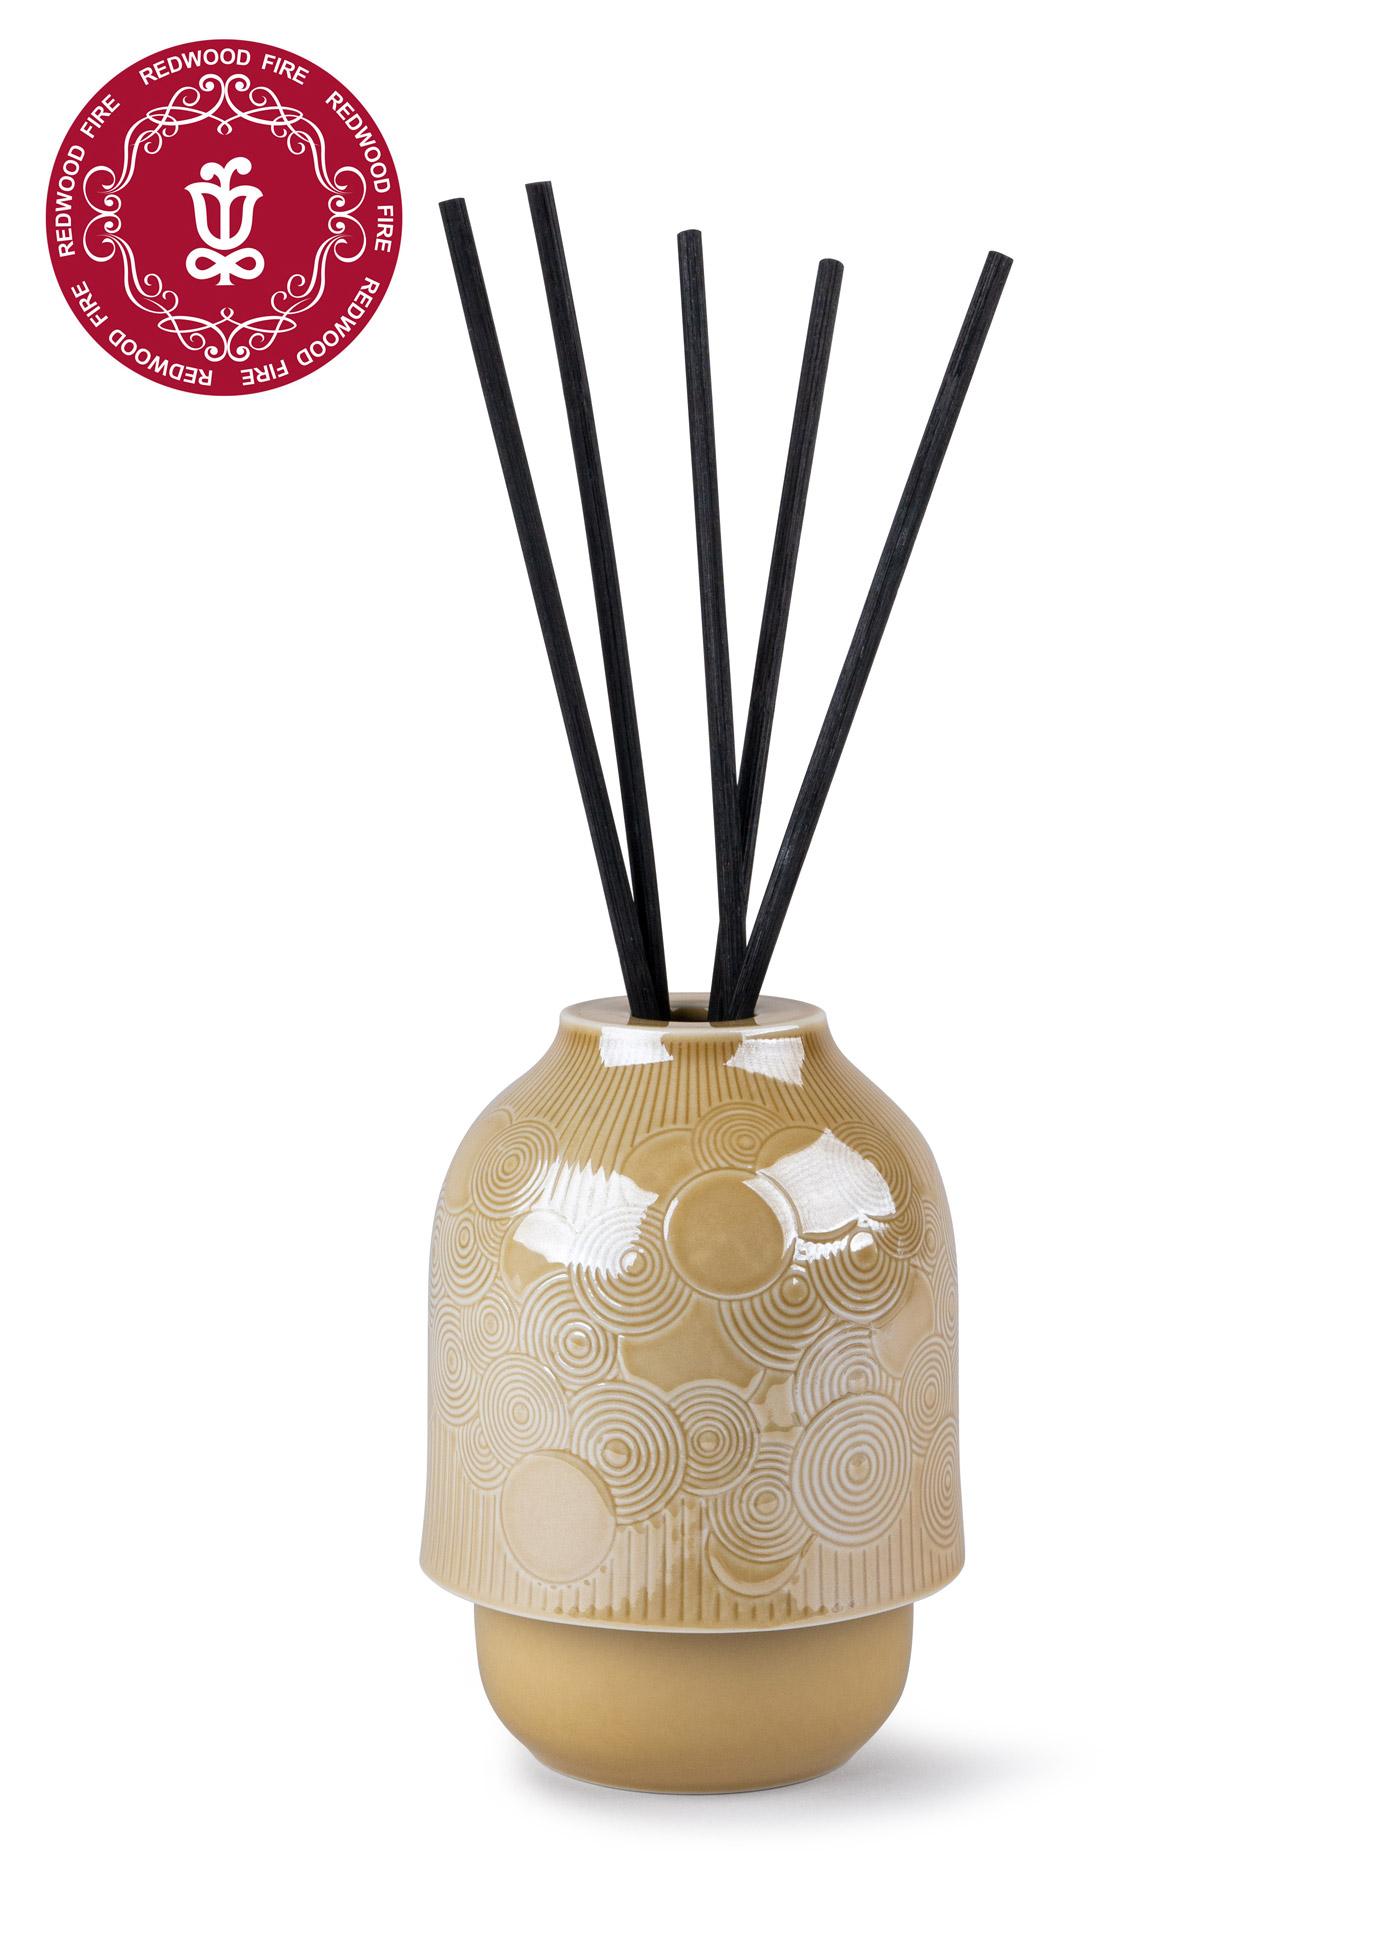 LLADRO® - 'Campanella Perfume diffuser-Redwood fire' 2021 !